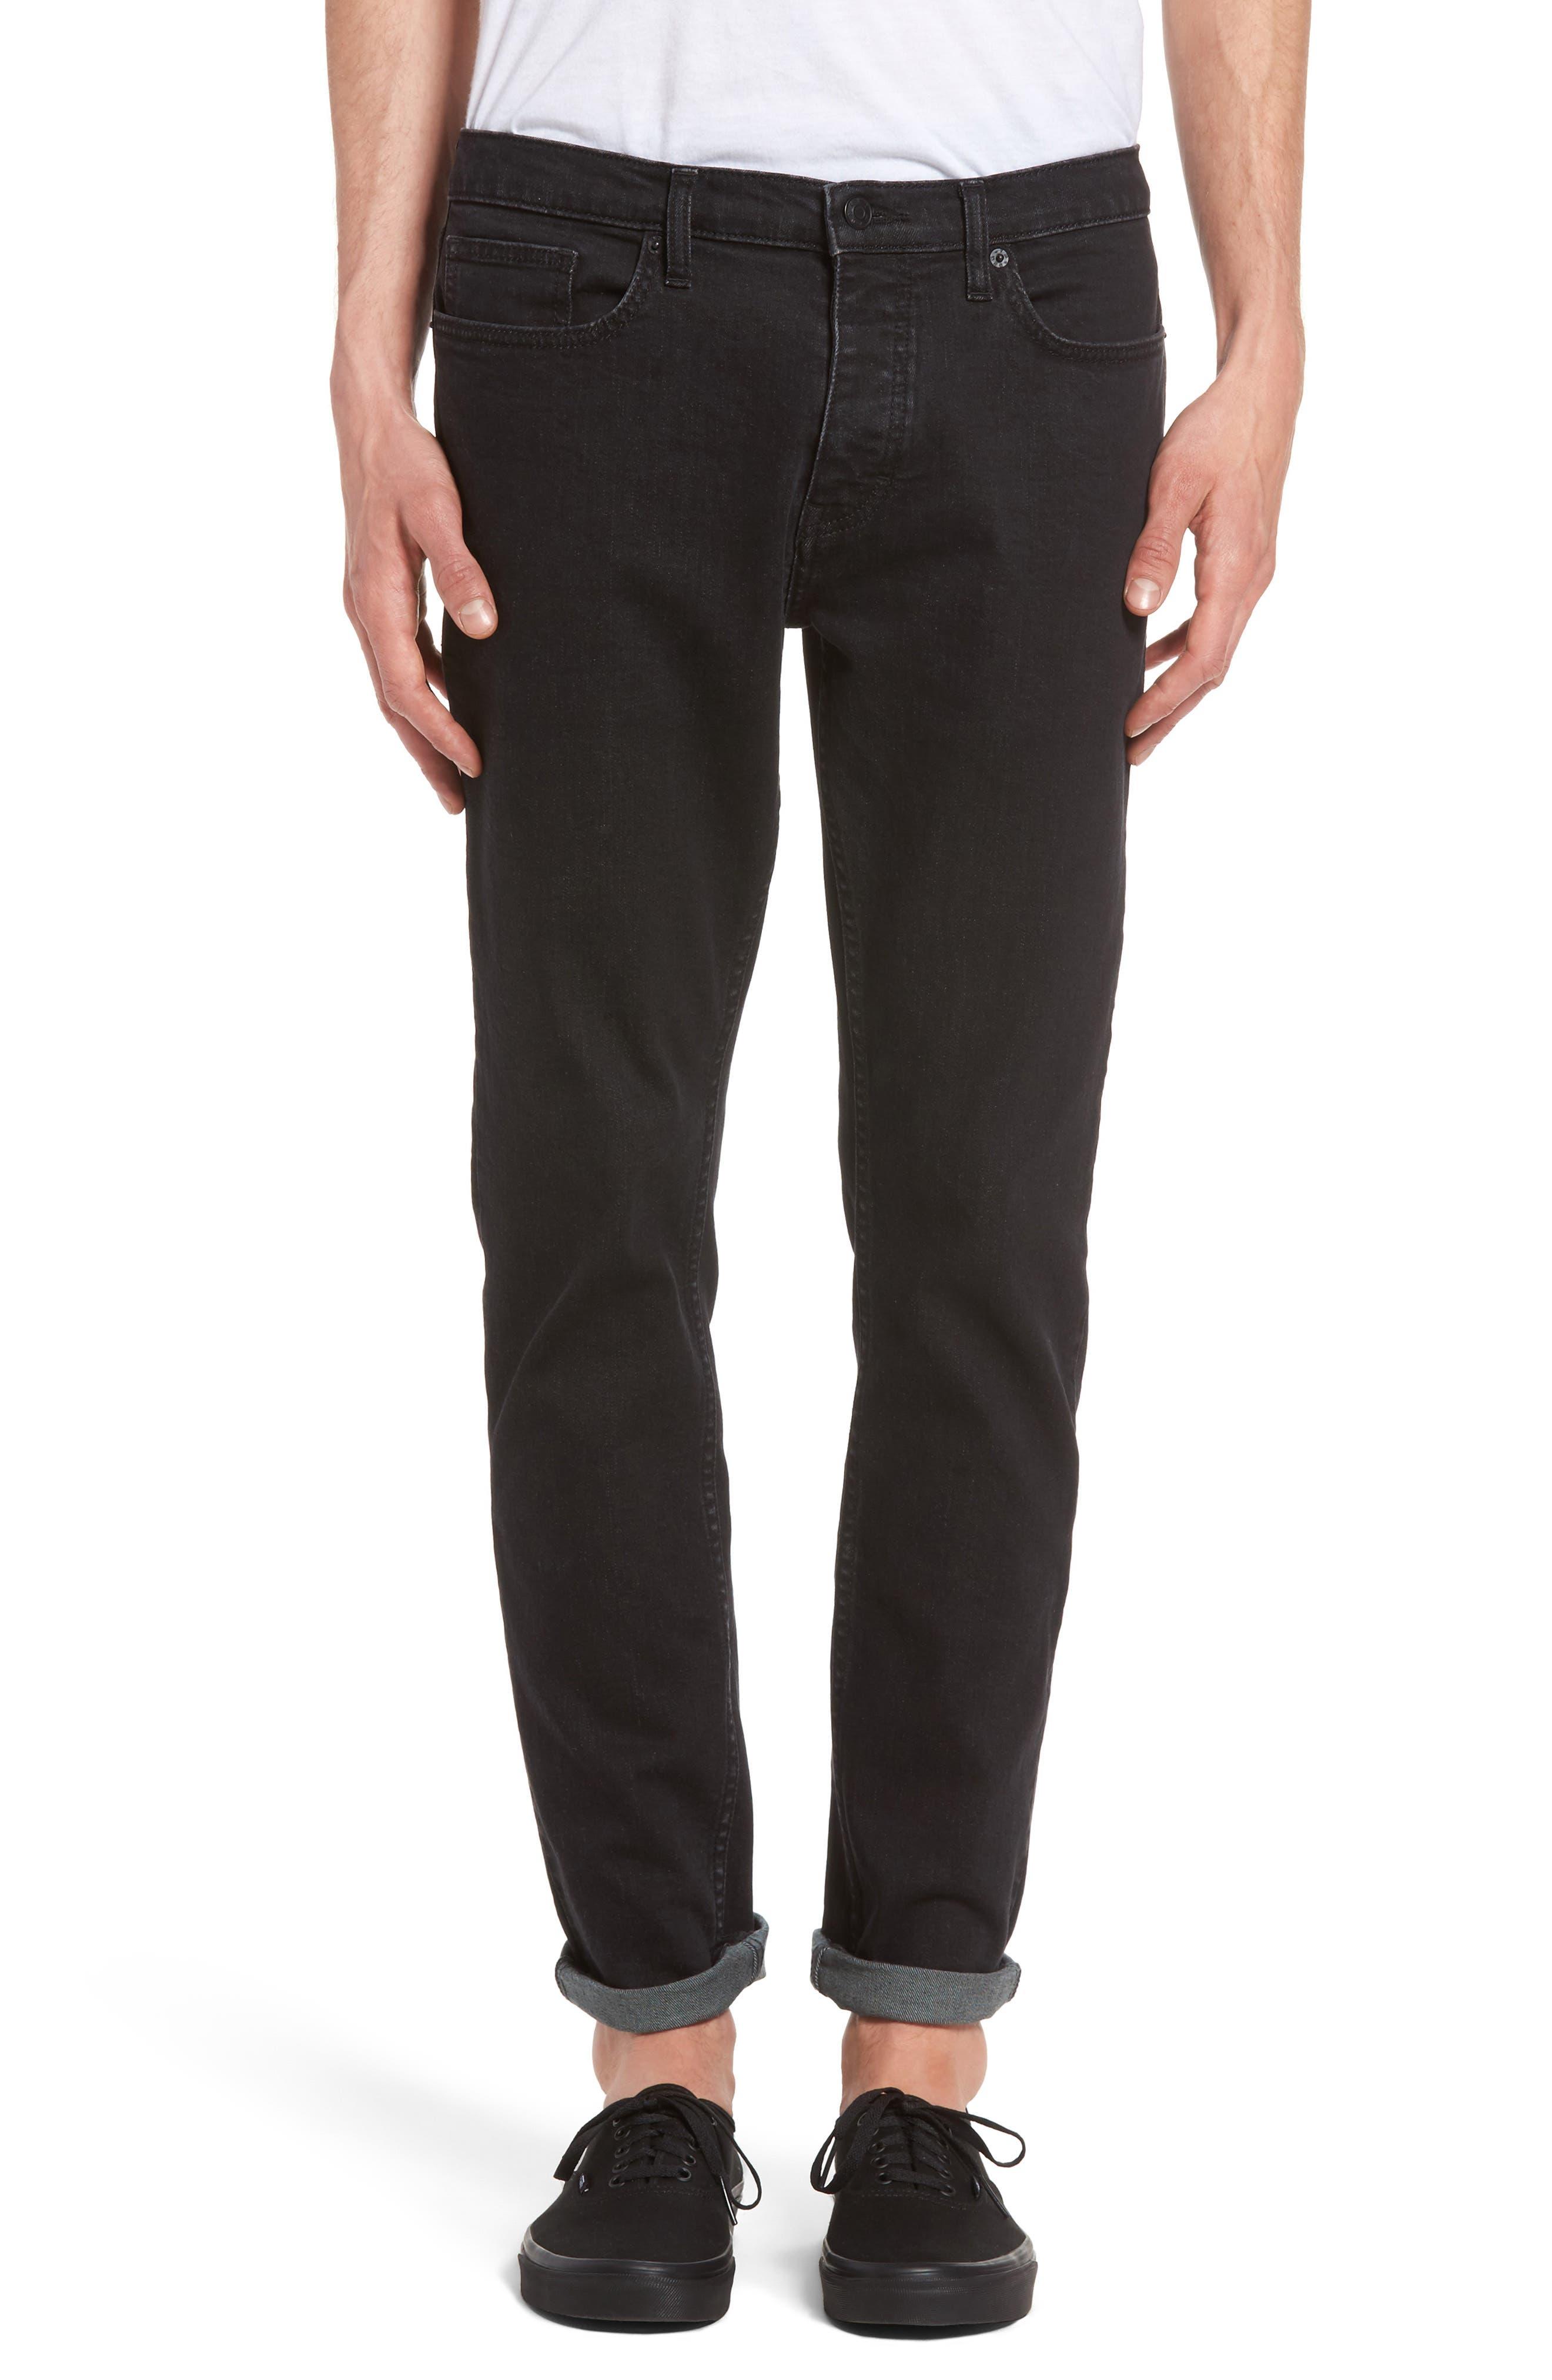 Washed Slim Fit Jeans,                         Main,                         color, Black